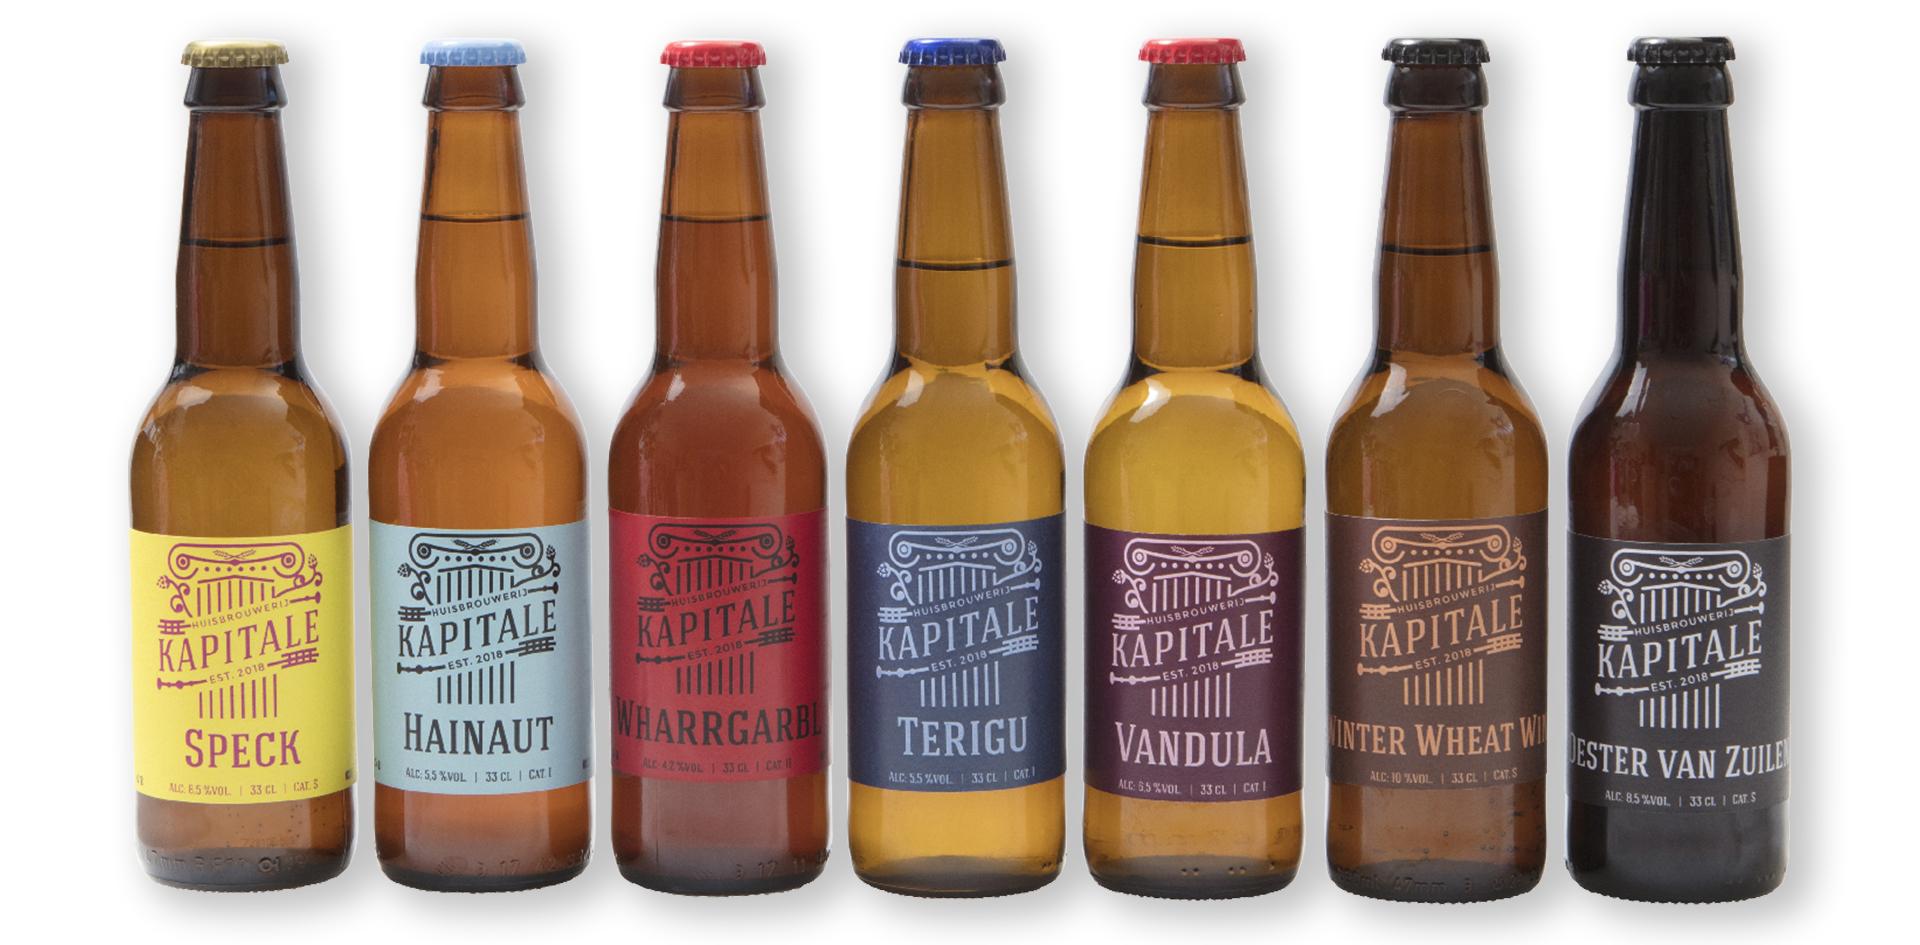 pils-bier-brouwerij-nederland-streekbier-utrecht-kapitale-assortiment